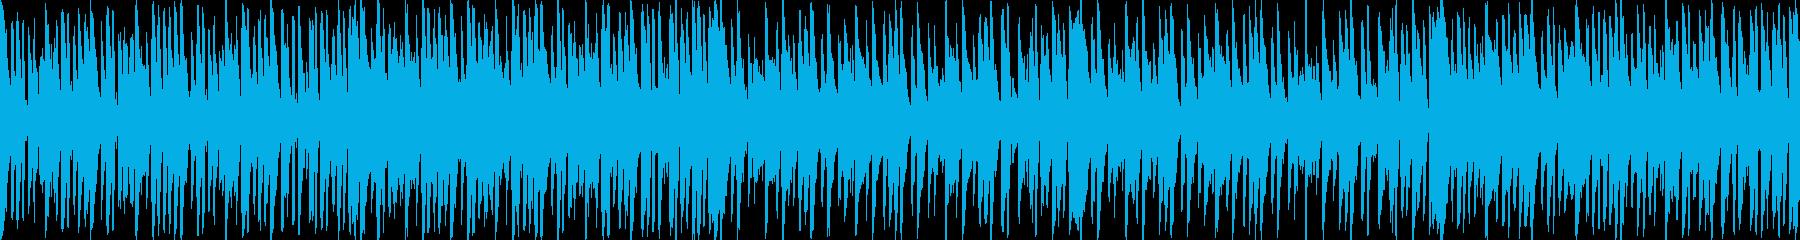 イージーリスニング Voices ...の再生済みの波形